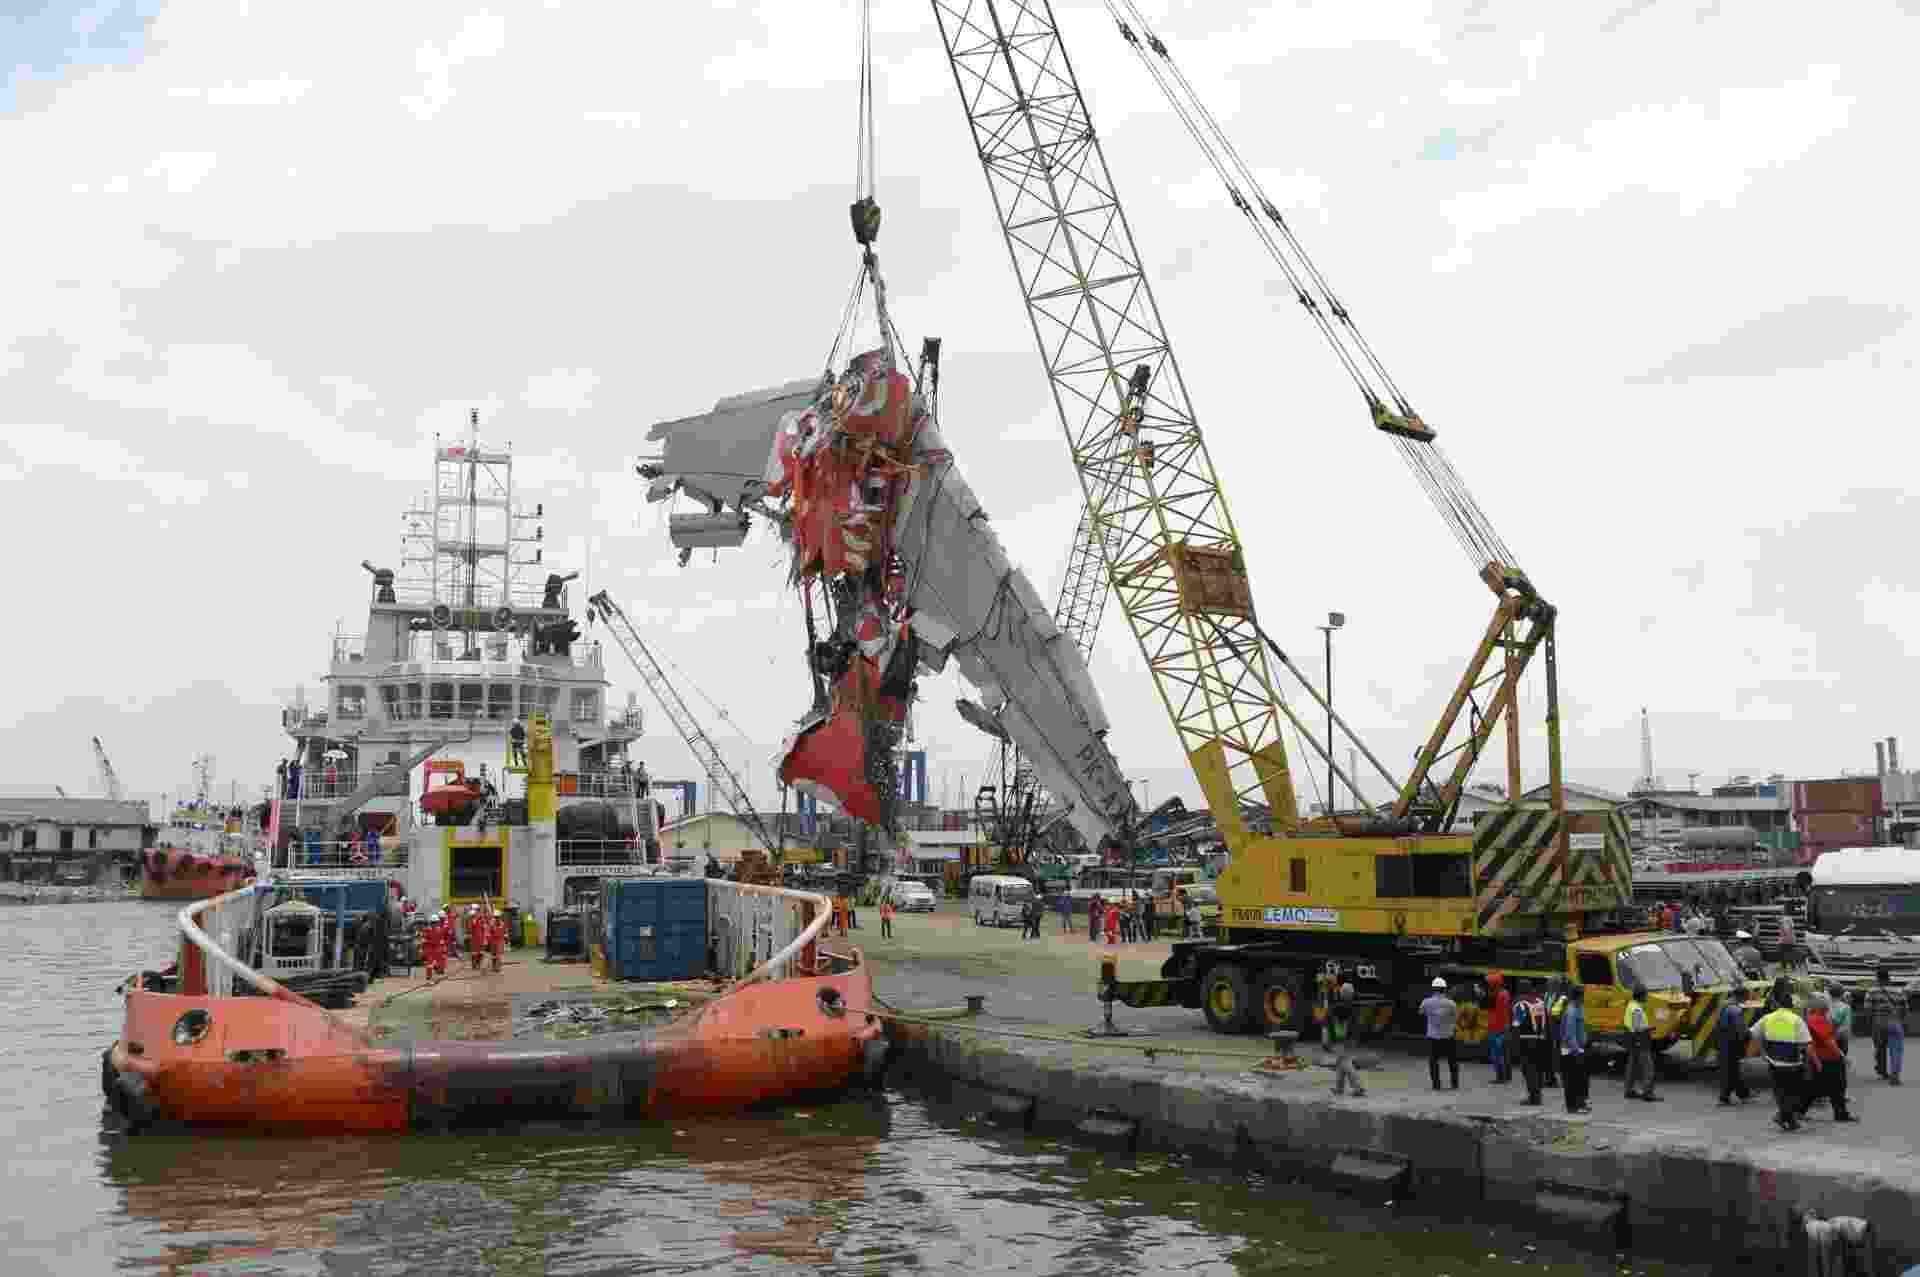 2.mar.2015 - Funcionários do governo da Indonésia removem a fuselagem do avião da AirAsia de uma embarcação no porto de Tanjung Priok, em Jacarta. O país recuperou a última grande parte do avião, do voo QZ8501, que caiu no mar de Java em dezembro, matando todas as 162 pessoas a bordo - Adek Berry/AFP